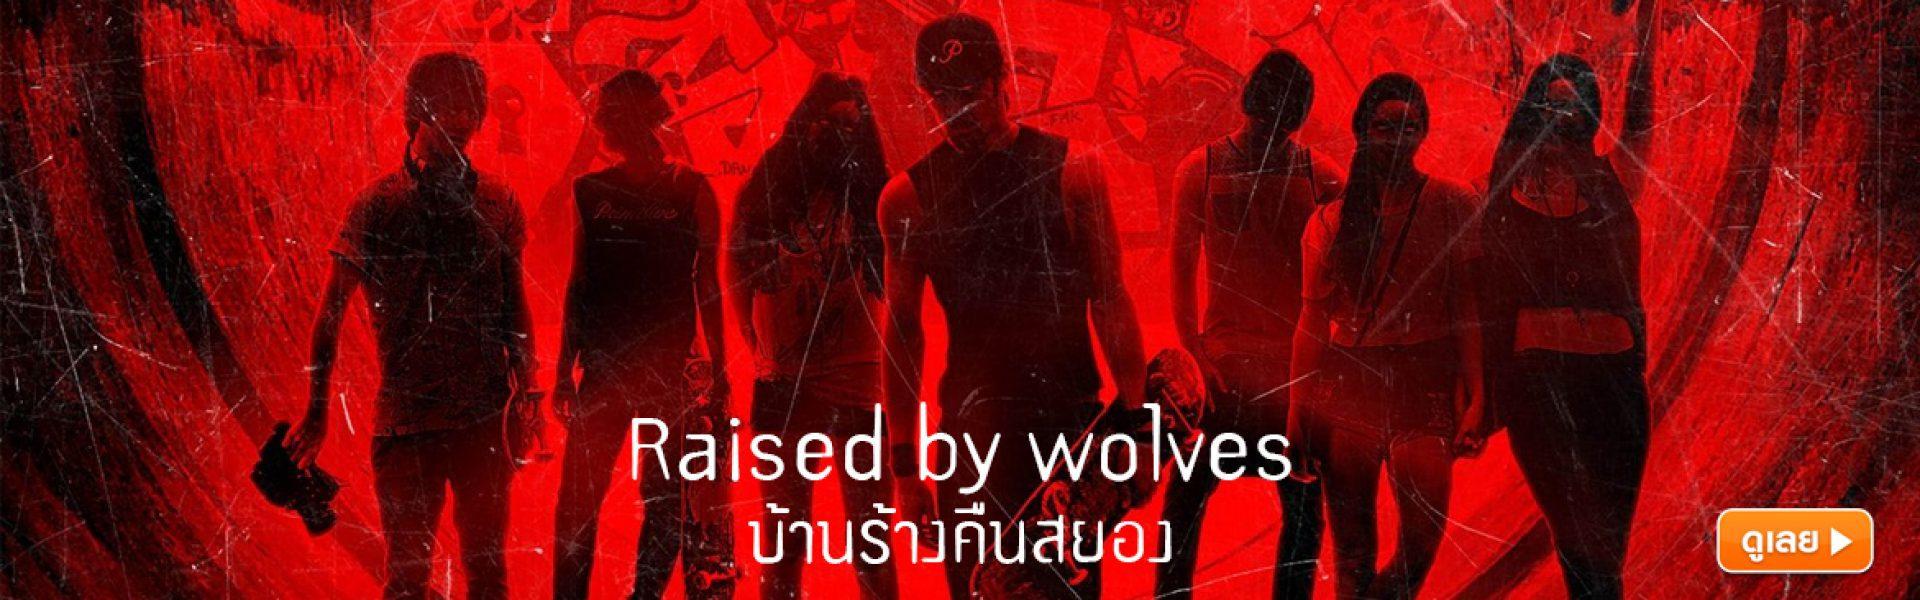 บ้านร้างคืนสยอง Raised by wolves (หนังเต็มเรื่อง)